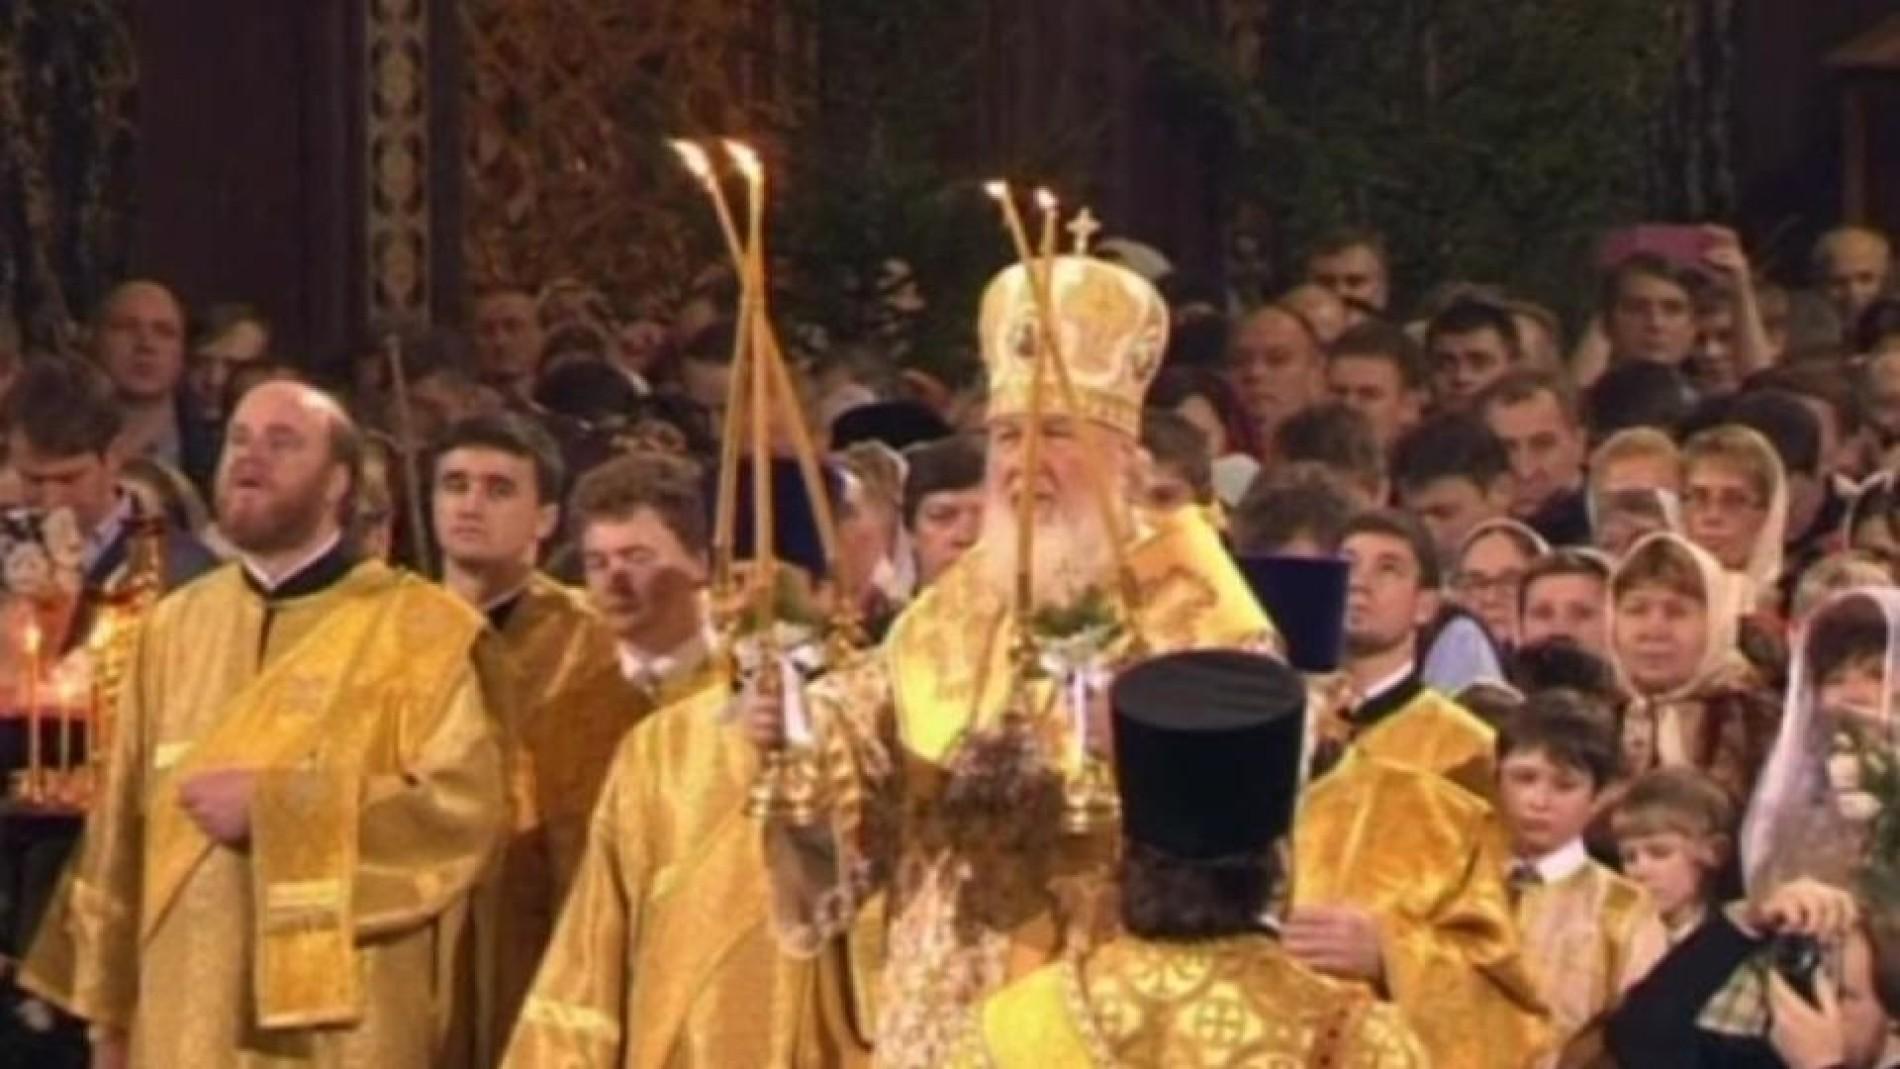 Orthodoxe Weihnachten.Russland Orthodoxe Feiern Weihnachten